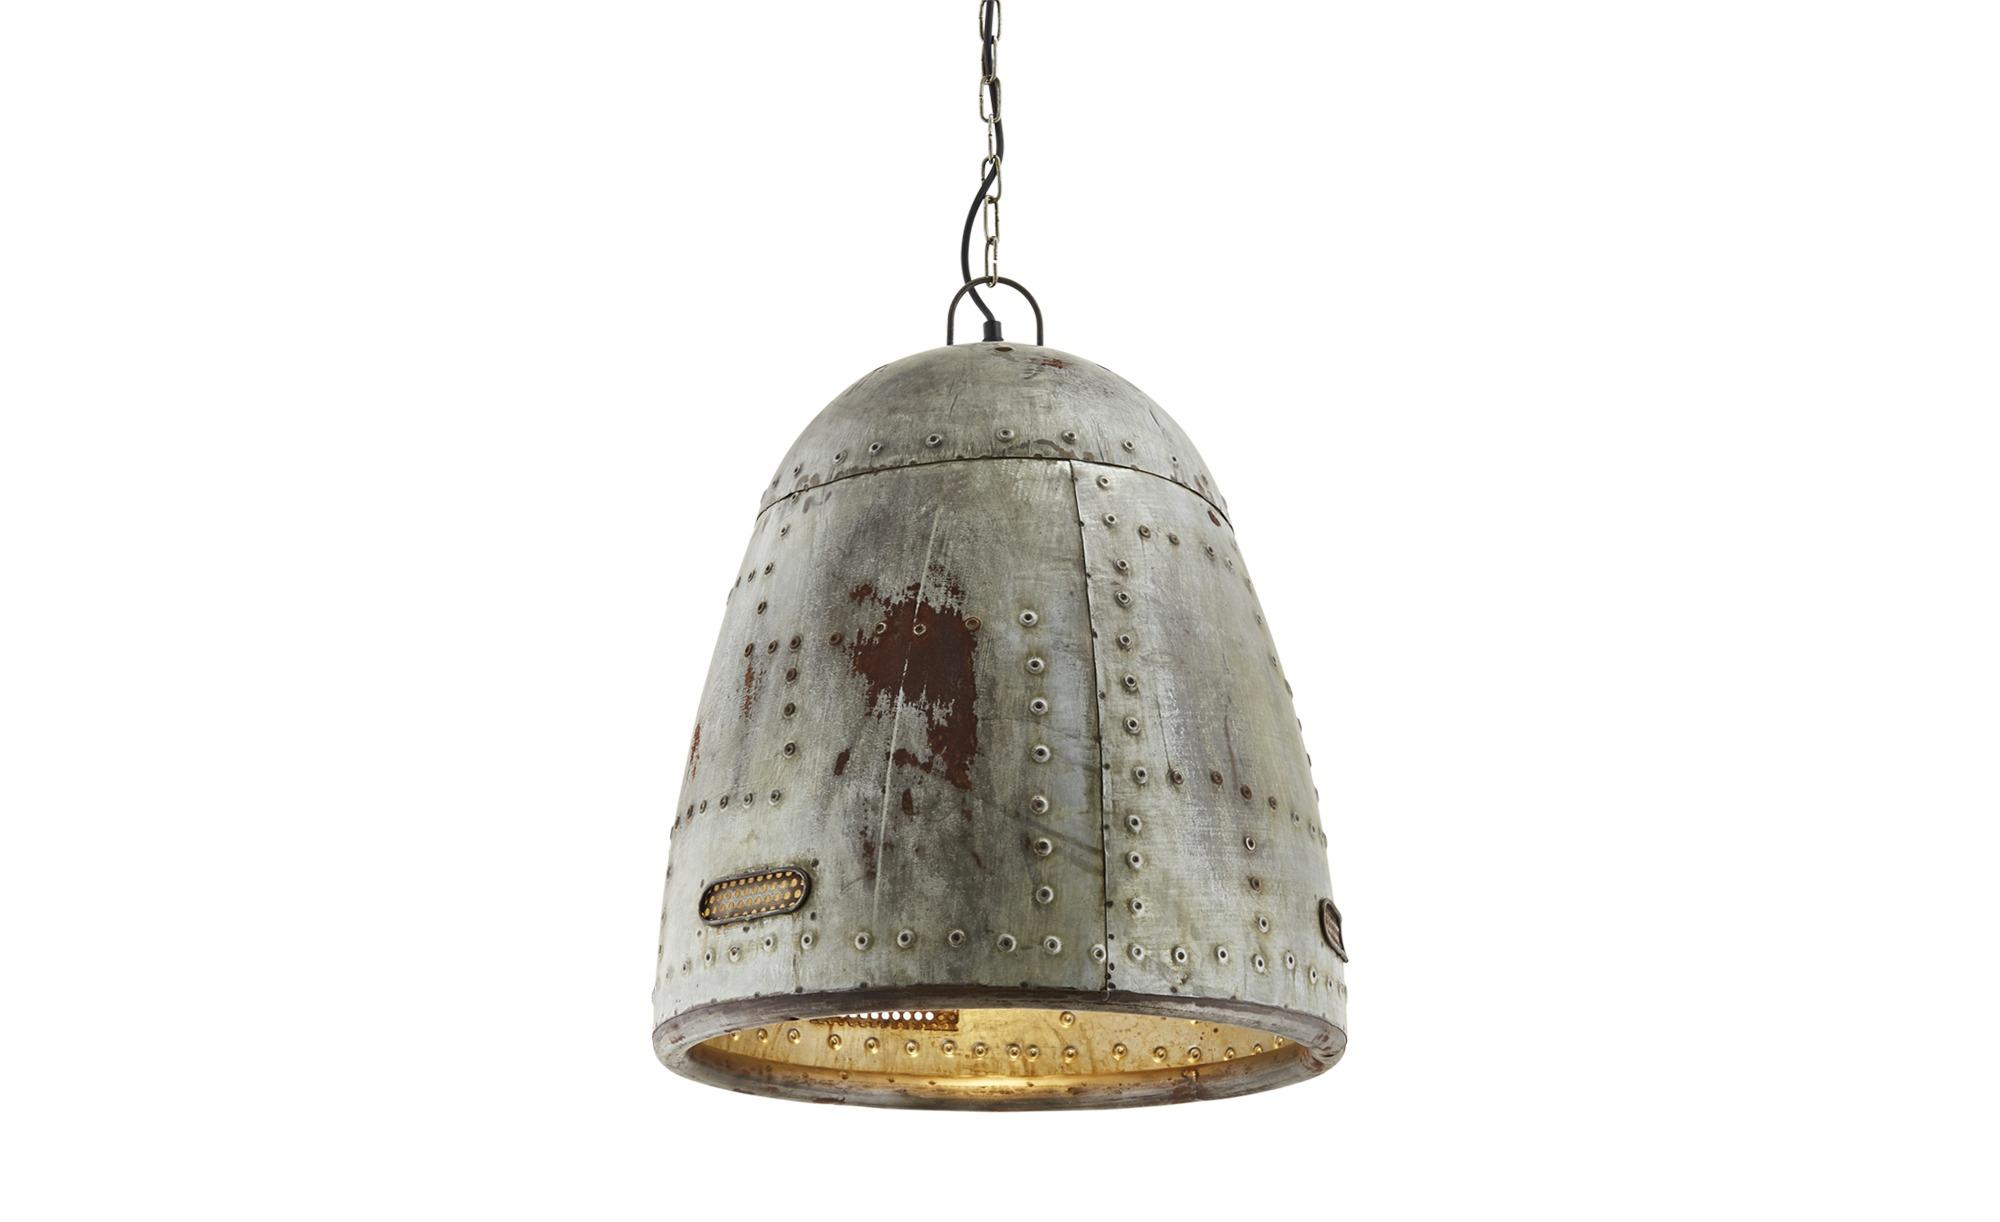 Paul Neuhaus Pendelleuchte, 1-flammig, Industrie-Stil ¦ grau ¦ Maße (cm): H: 120 Ø: [45.0] Lampen & Leuchten > Innenleuchten > Pendelleuchten - Höffner